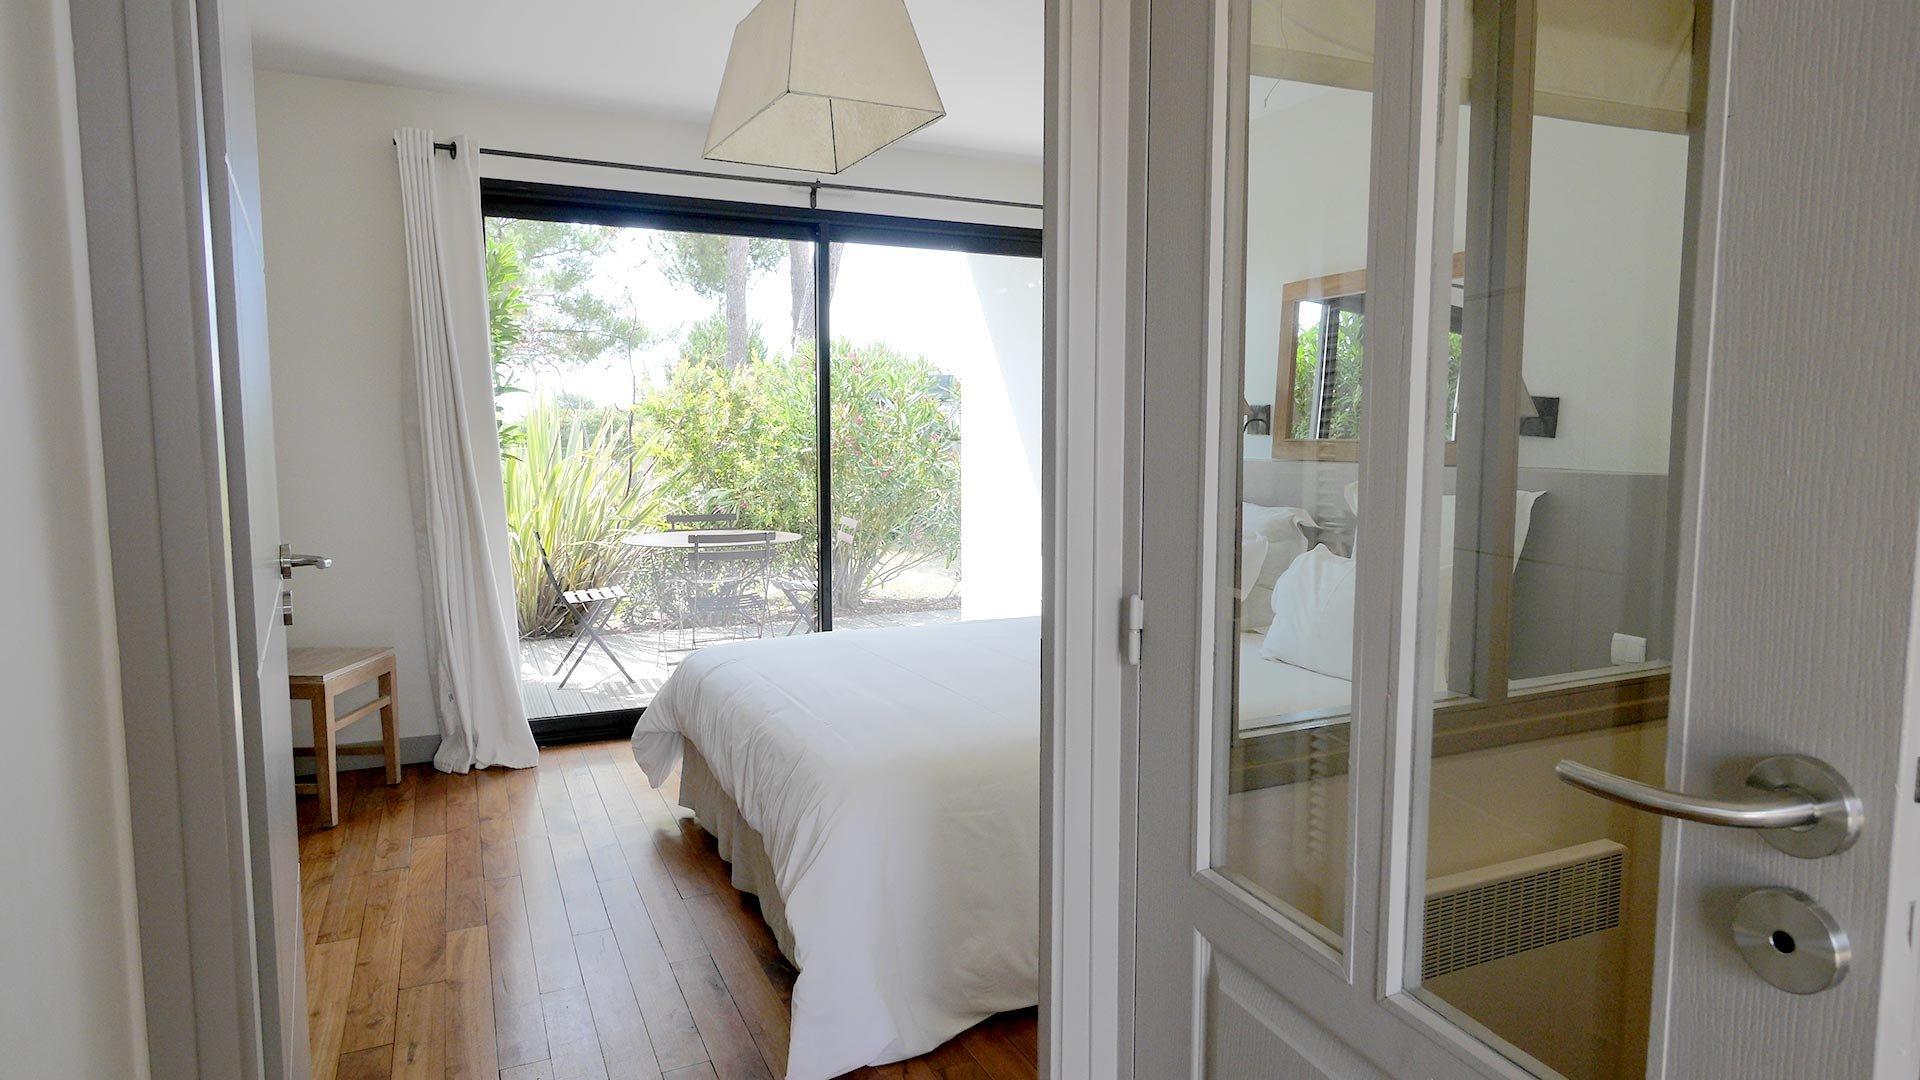 chambre d 39 h te familiale carnac villa mane lann. Black Bedroom Furniture Sets. Home Design Ideas